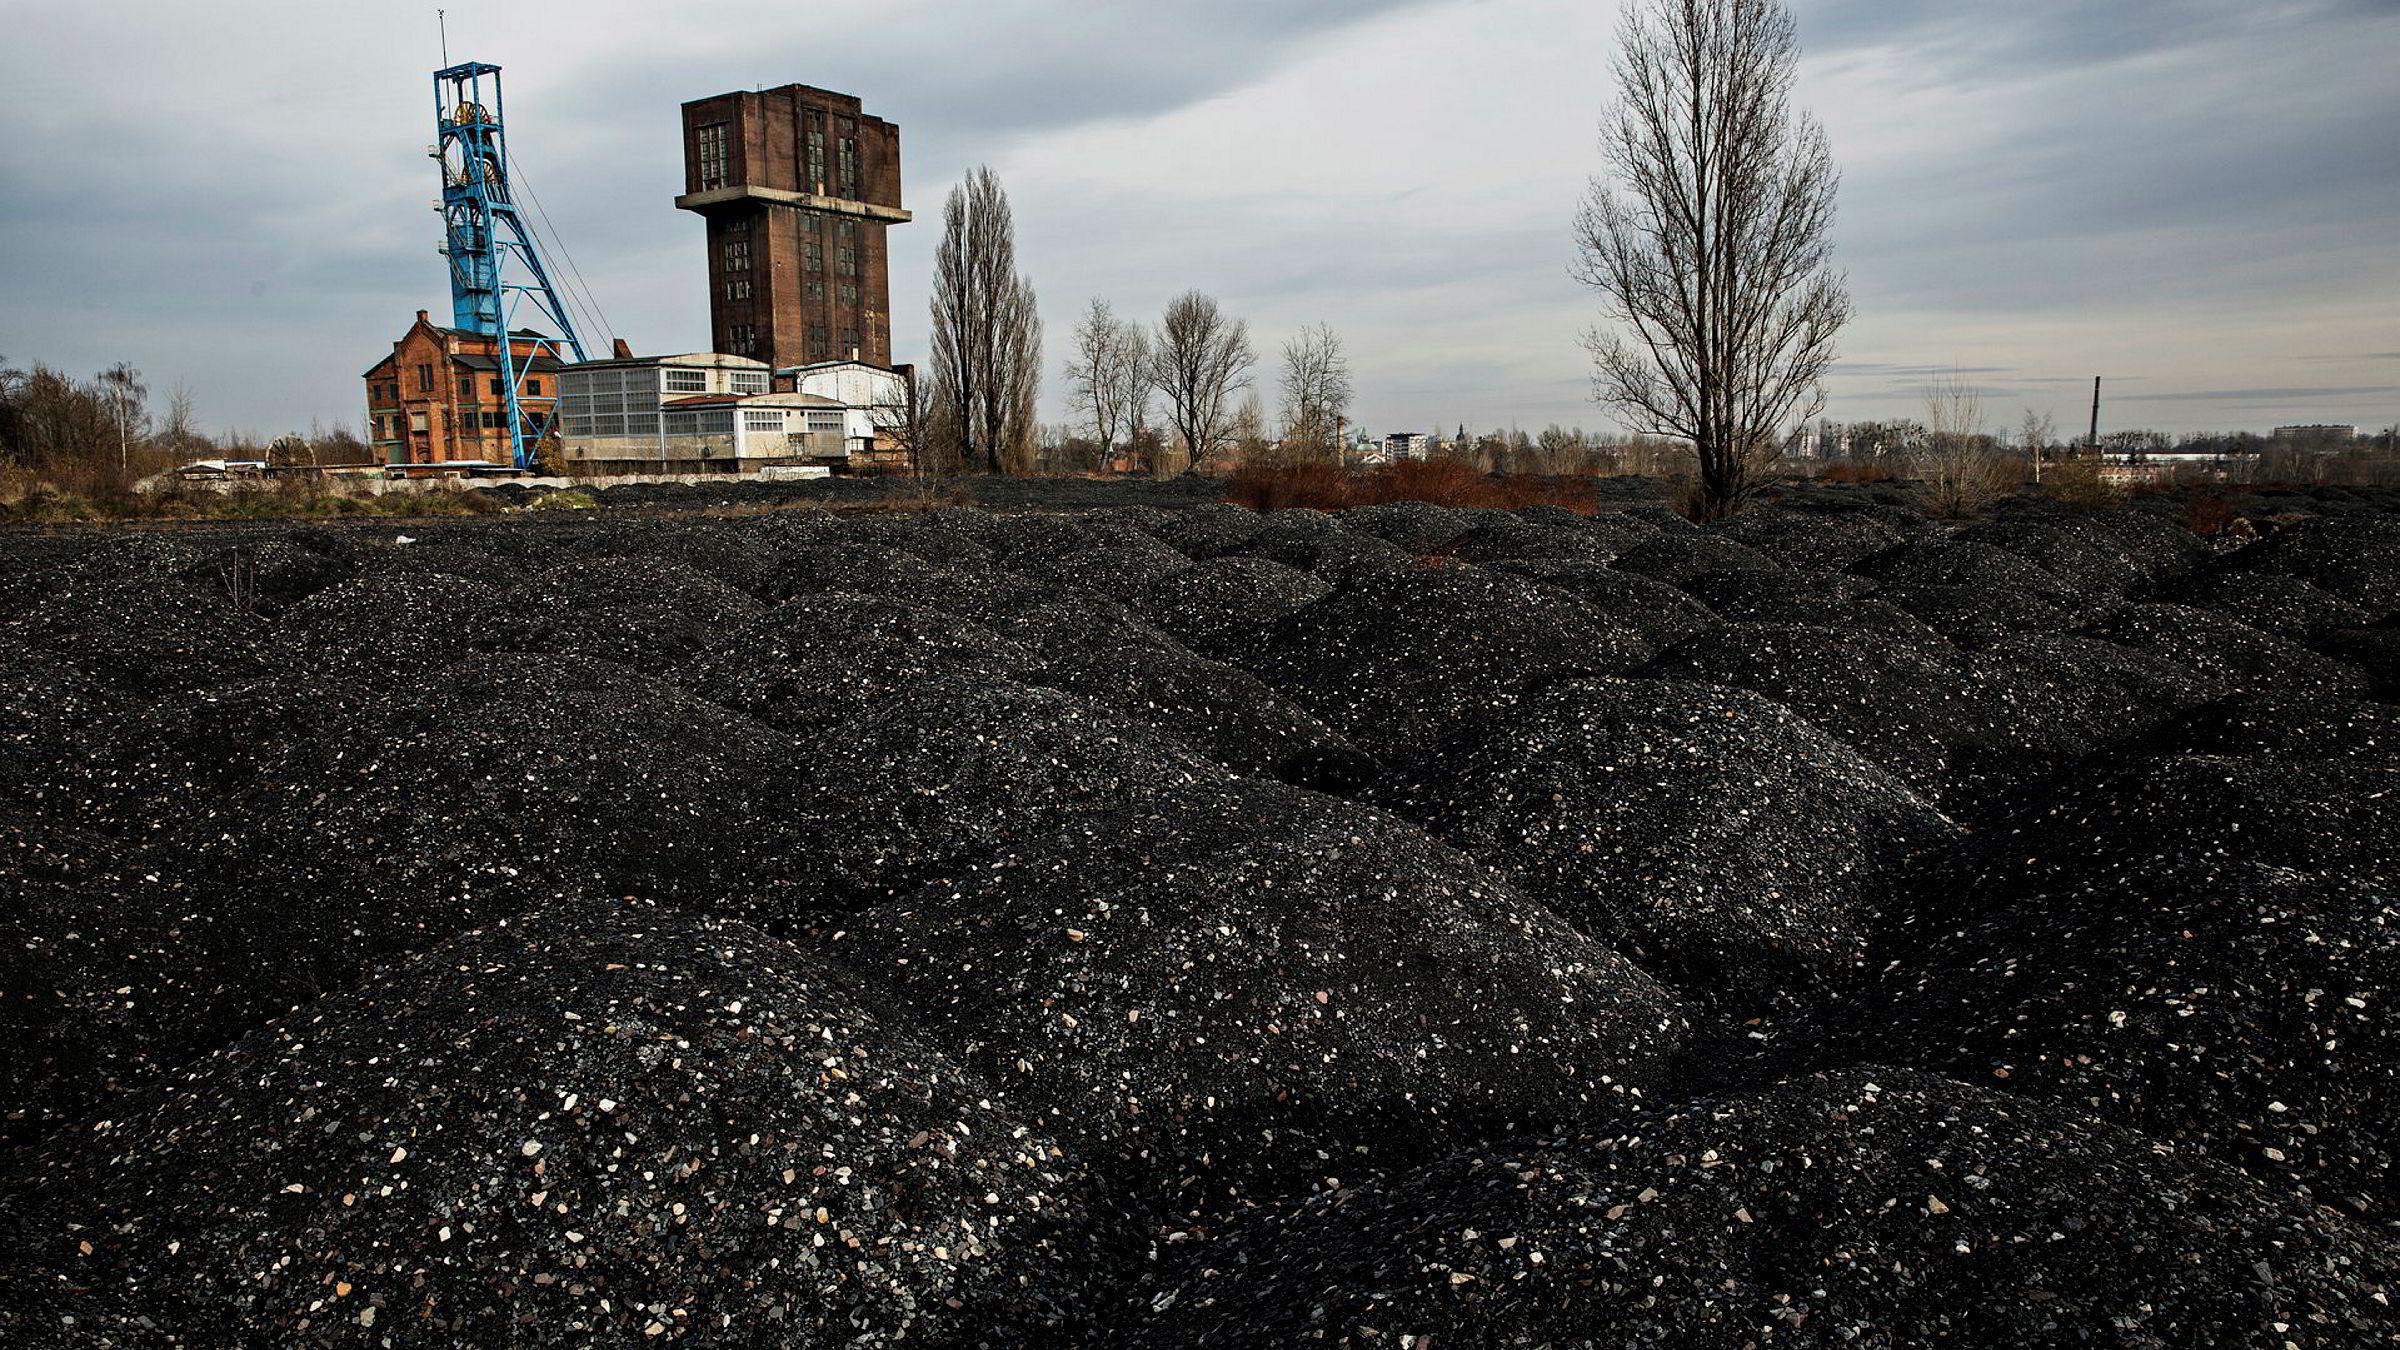 Verdens kullkraftverk vil fortsatt slippe ut seks gigatonn CO 2 i 2050 – selv om gamle fases ut og ingen nye bygges, skriver Øystein Dørum i kronikken. Bildet er fra Polen.